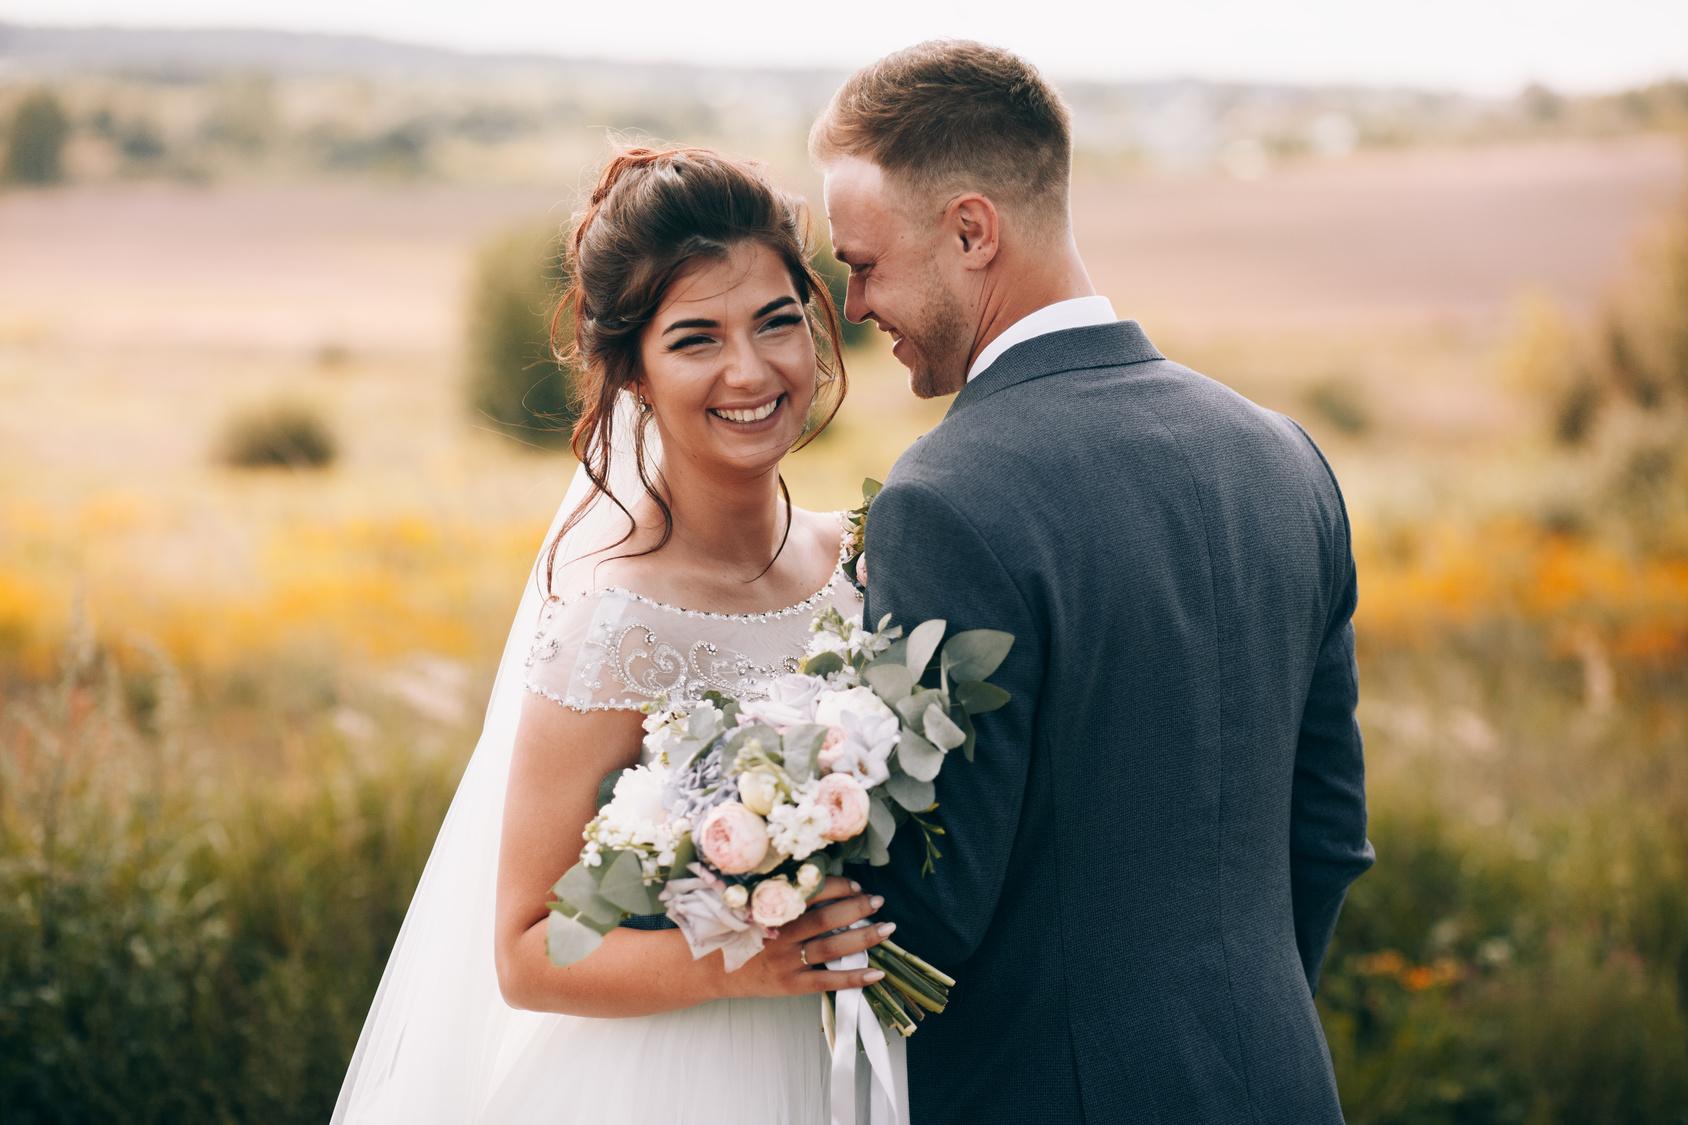 Happy couple. Wedding photo. Couple in love